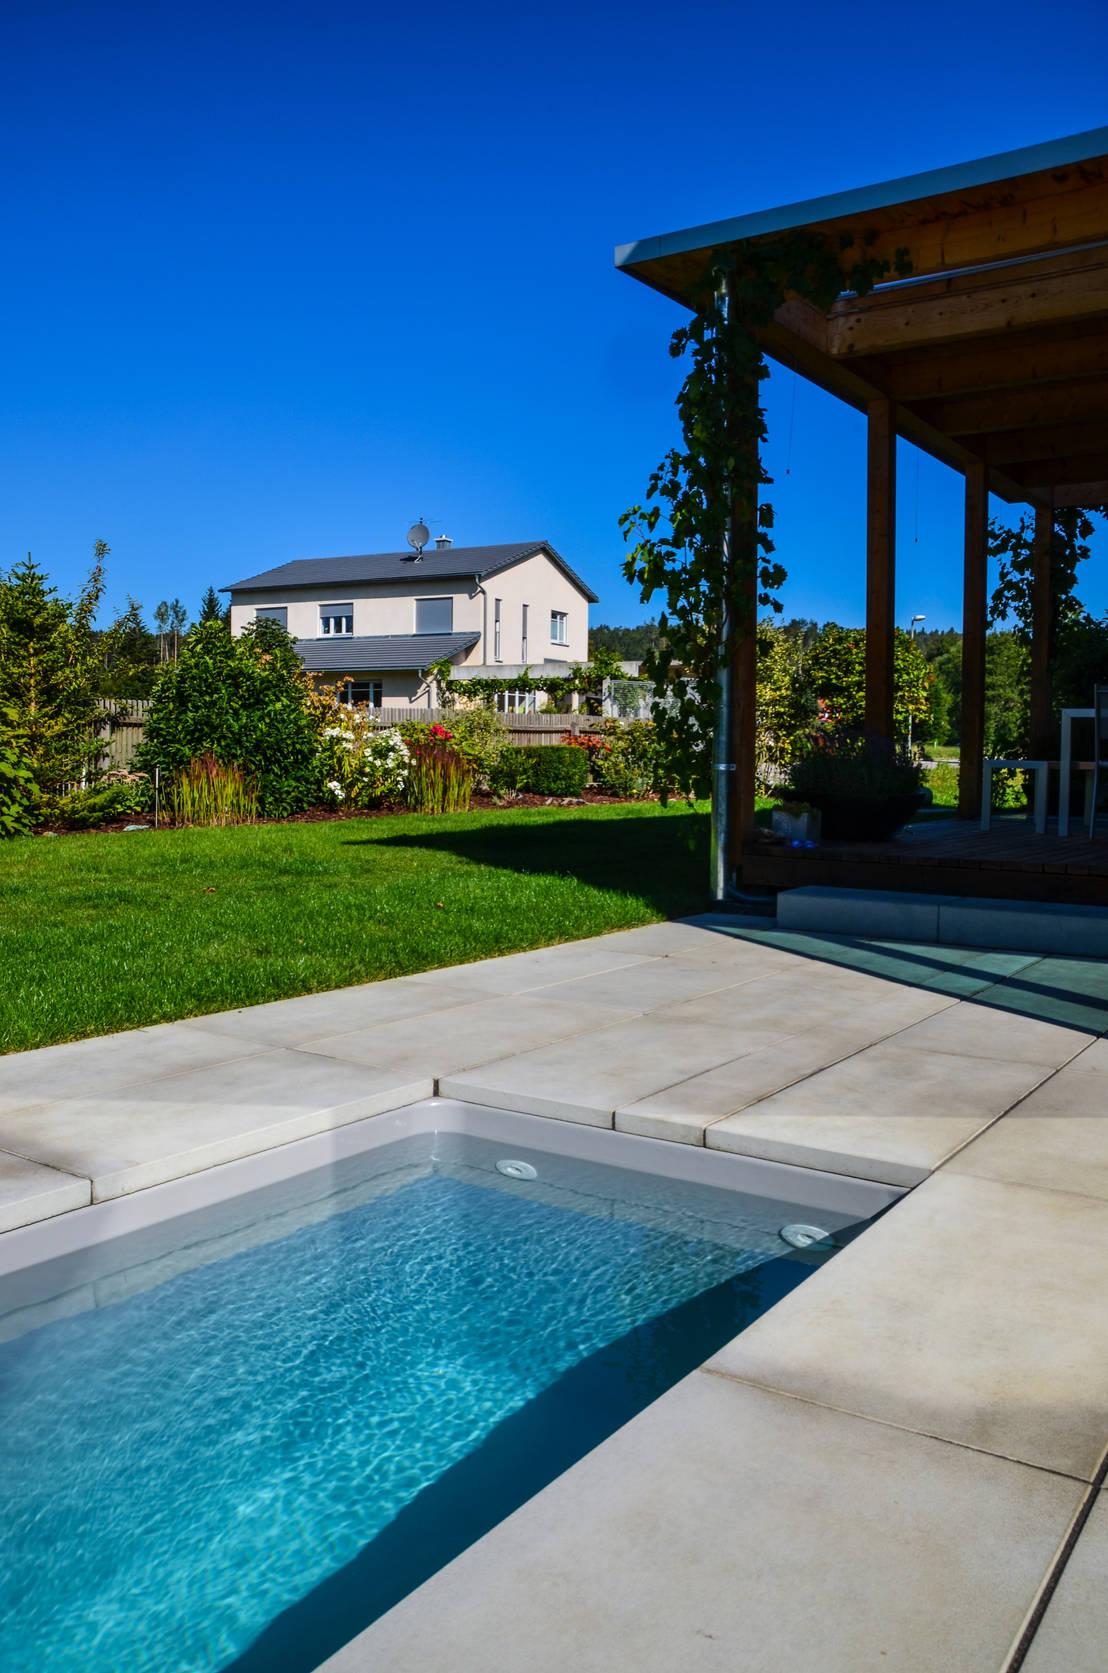 Designatgartenhaus De wat meersalzwasser tauchbecken minipool by design garten homify